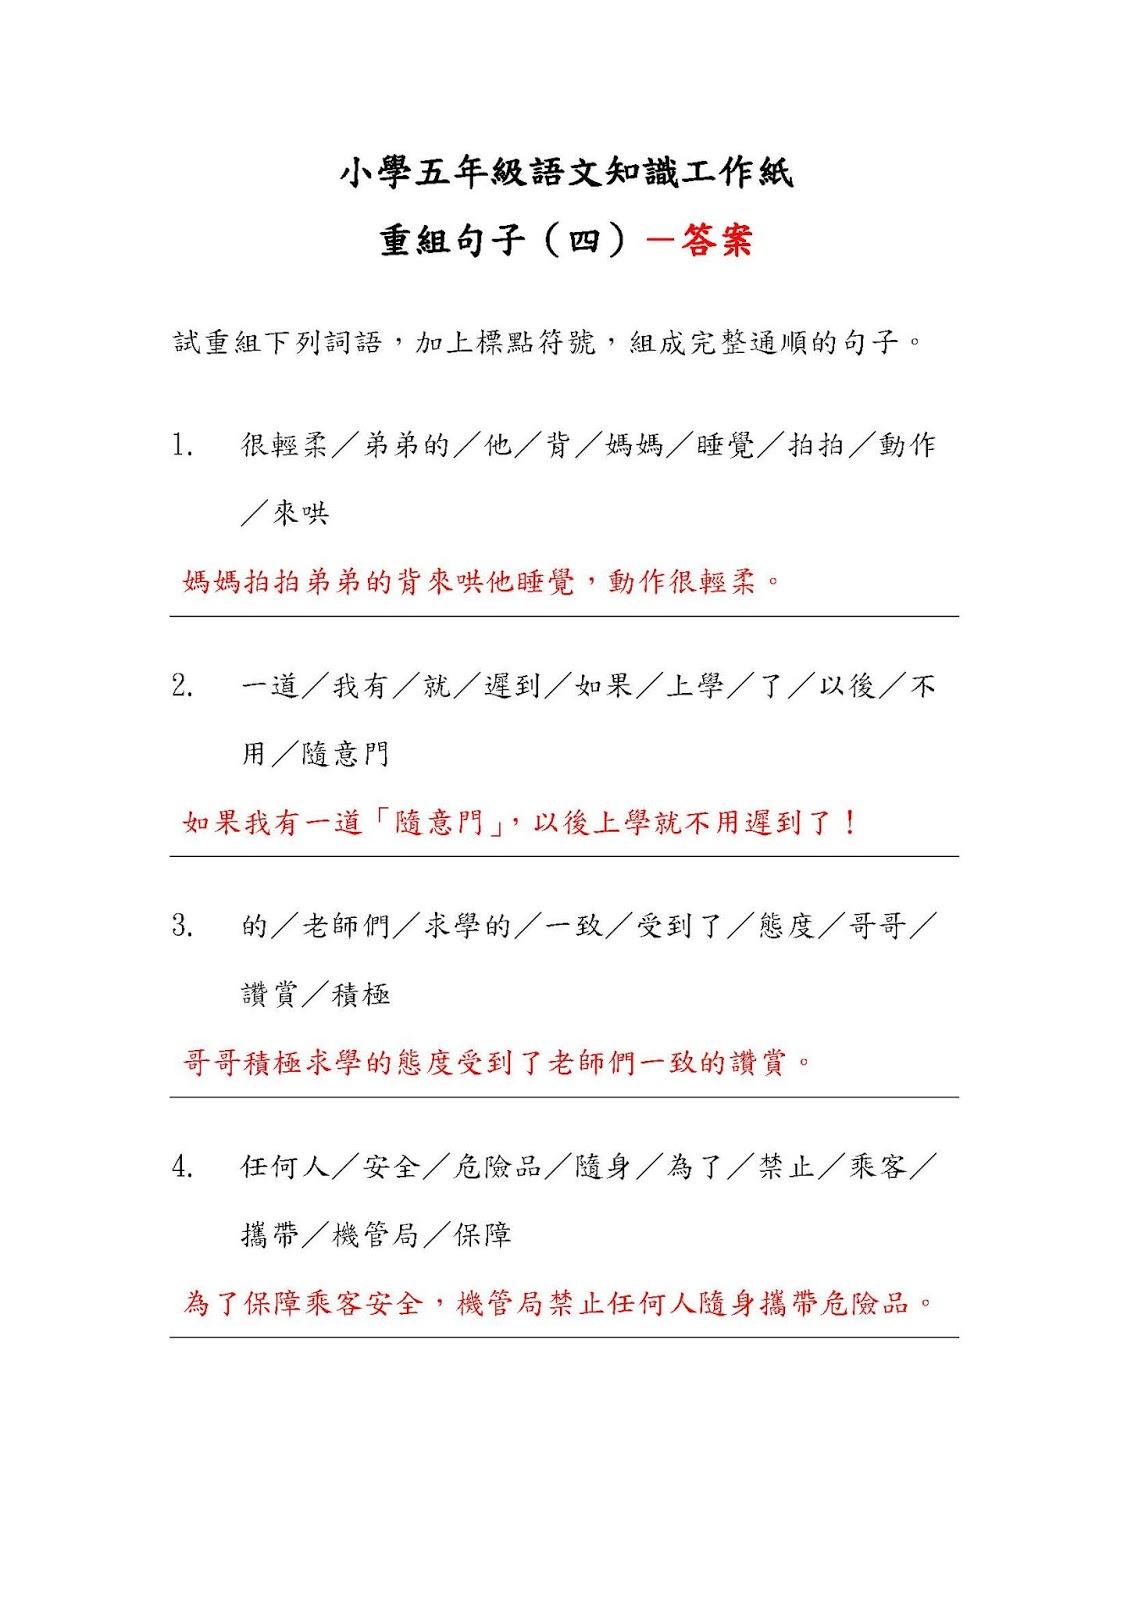 小五語文知識工作紙:重組句子(四)|中文工作紙|尤莉姐姐的反轉學堂